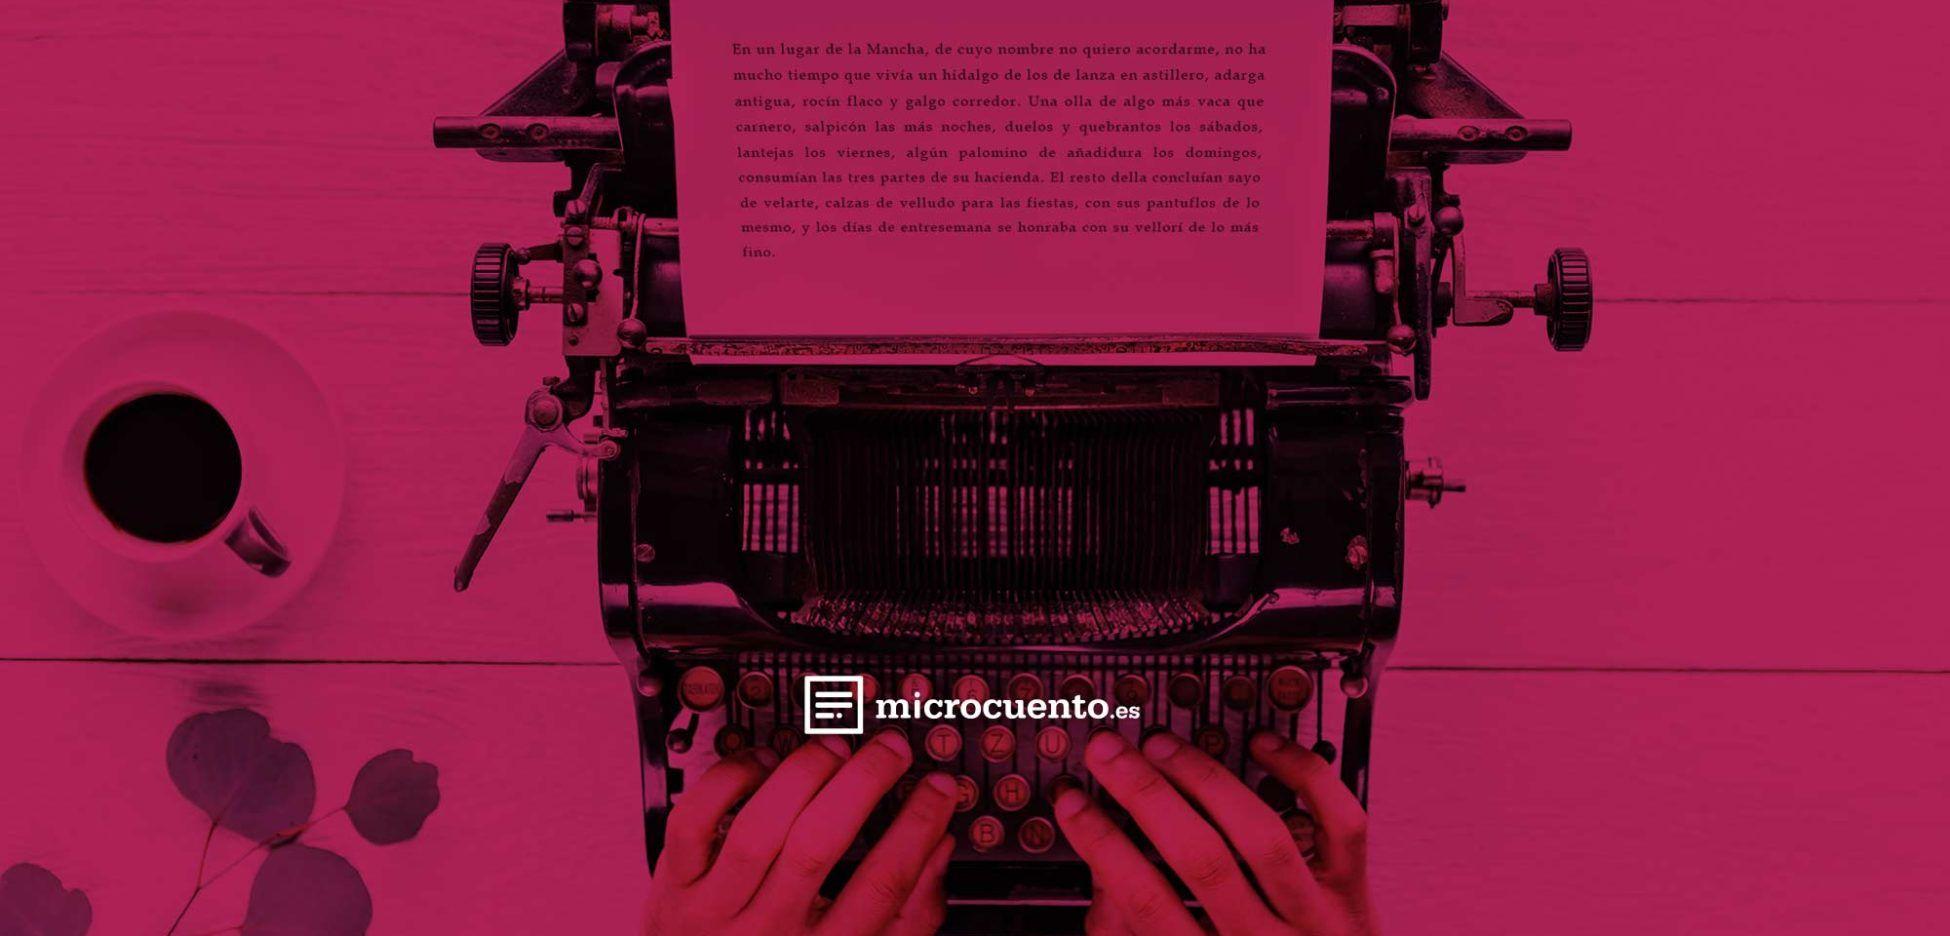 Patrocinador oficial de Microcuento.es